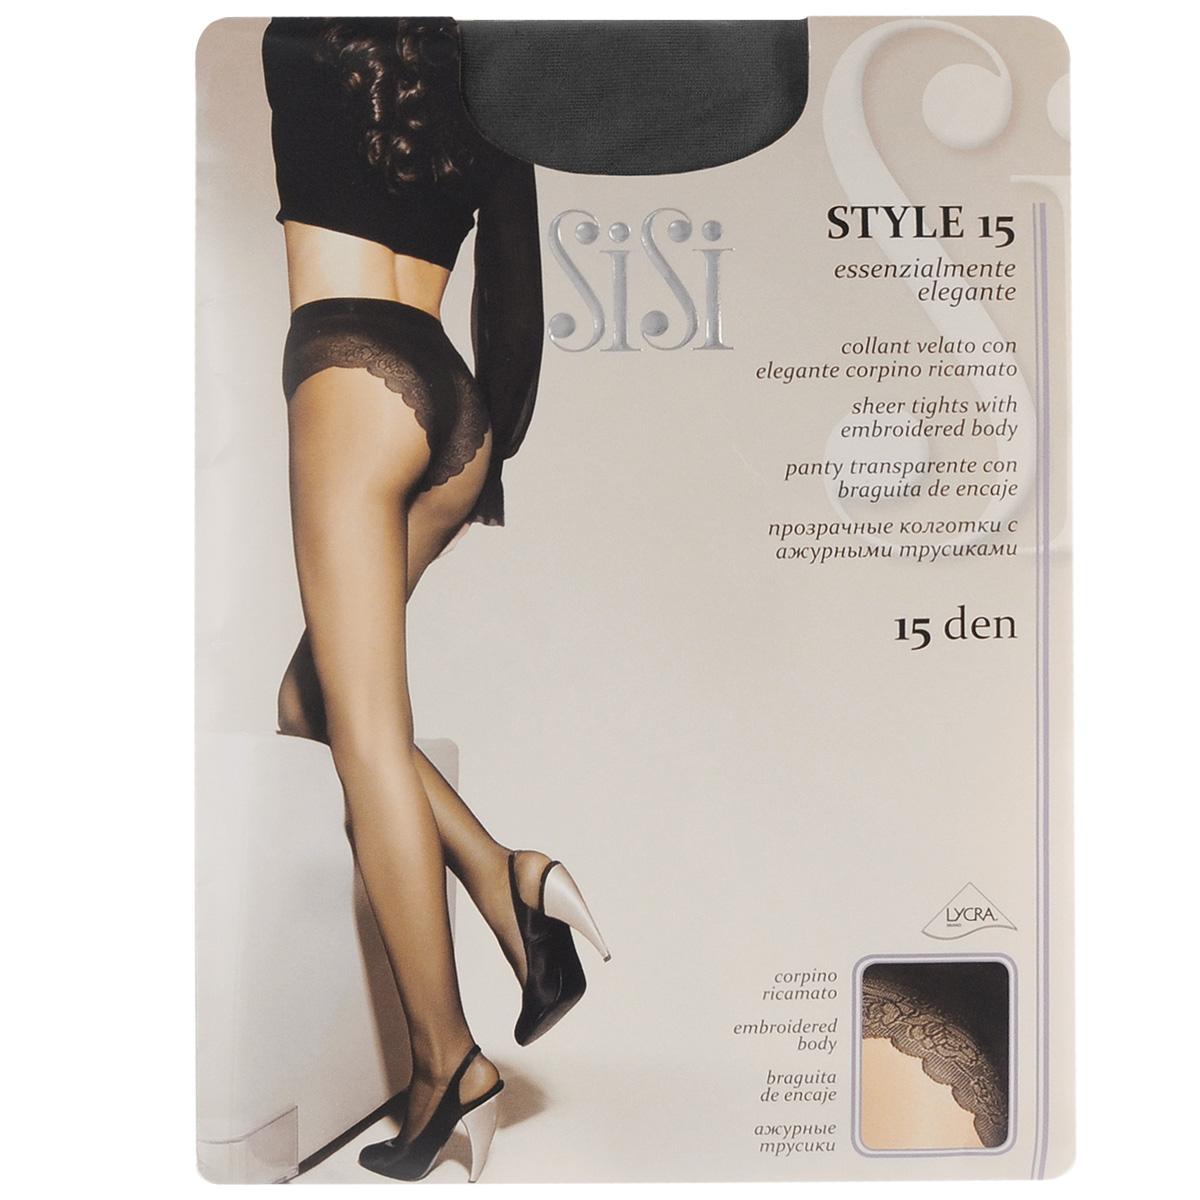 Колготки женские Sisi Style 15, цвет: Nero (черный). 45. Размер 2 (S)45SISIТонкие эластичные колготки Sisi Style с комфортными швами, гигиеничной ластовицей и невидимым мыском. Модель дополнена ажурными трусиками. Плотность: 15 den.